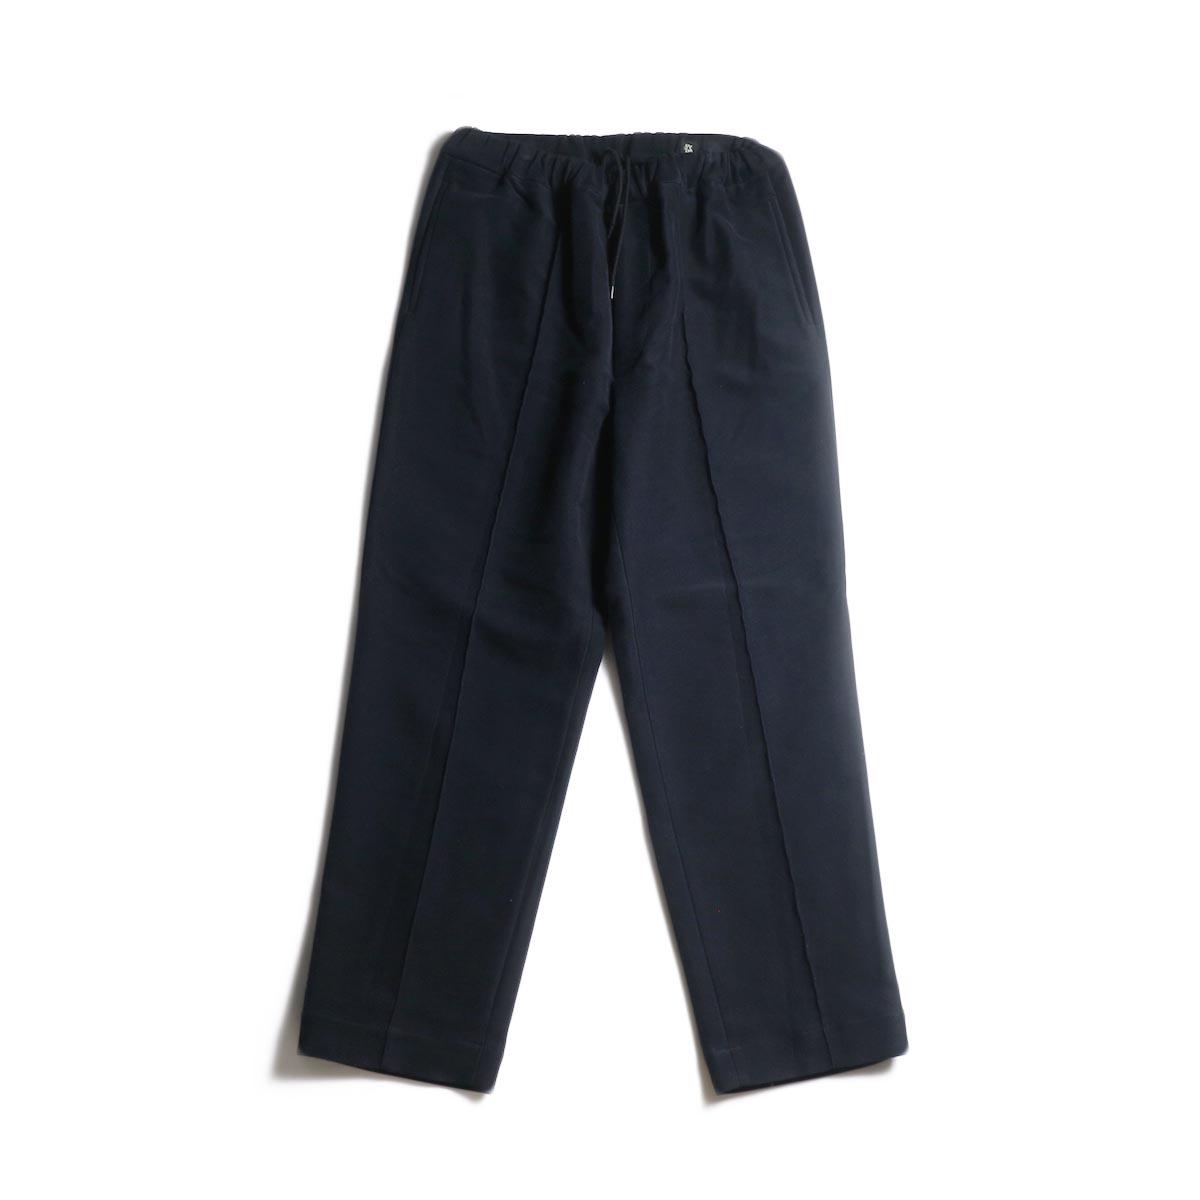 Kaptain Sunshine / Crease Tucked Easy Pants (Dark Navy)